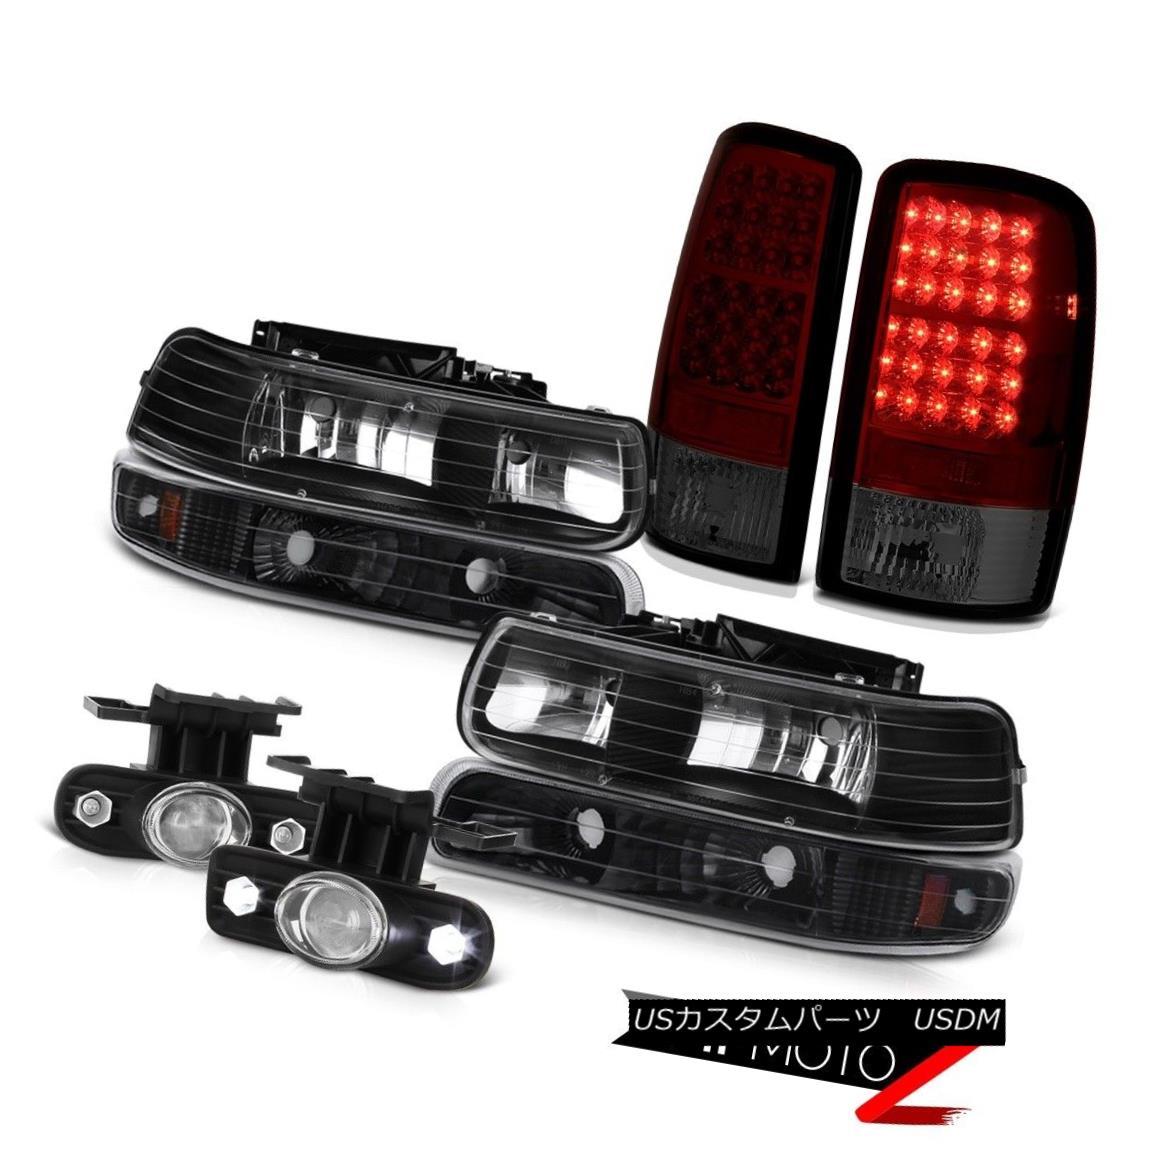 ヘッドライト 00 01 02 03 04 05 06 Suburban Headlight SMD LED Brake Lamps Glass Projector Fog 00 01 02 03 04 05 06郊外ヘッドライトSMD LEDブレーキランプガラスプロジェクターフォグ